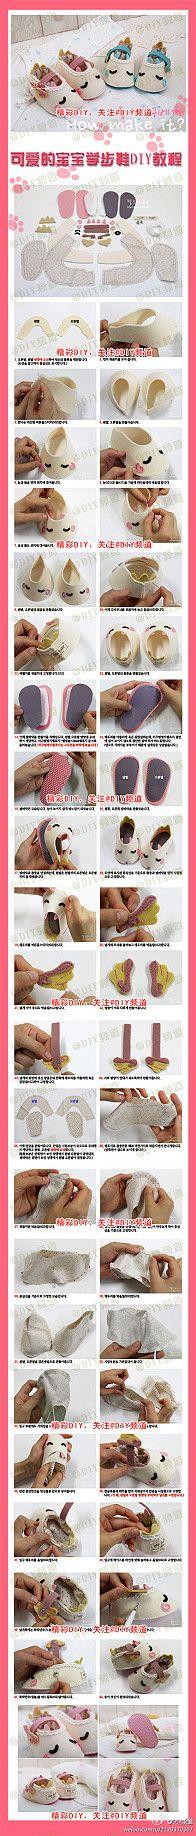 Precioso zapatos de bebé niño DIY tutorial